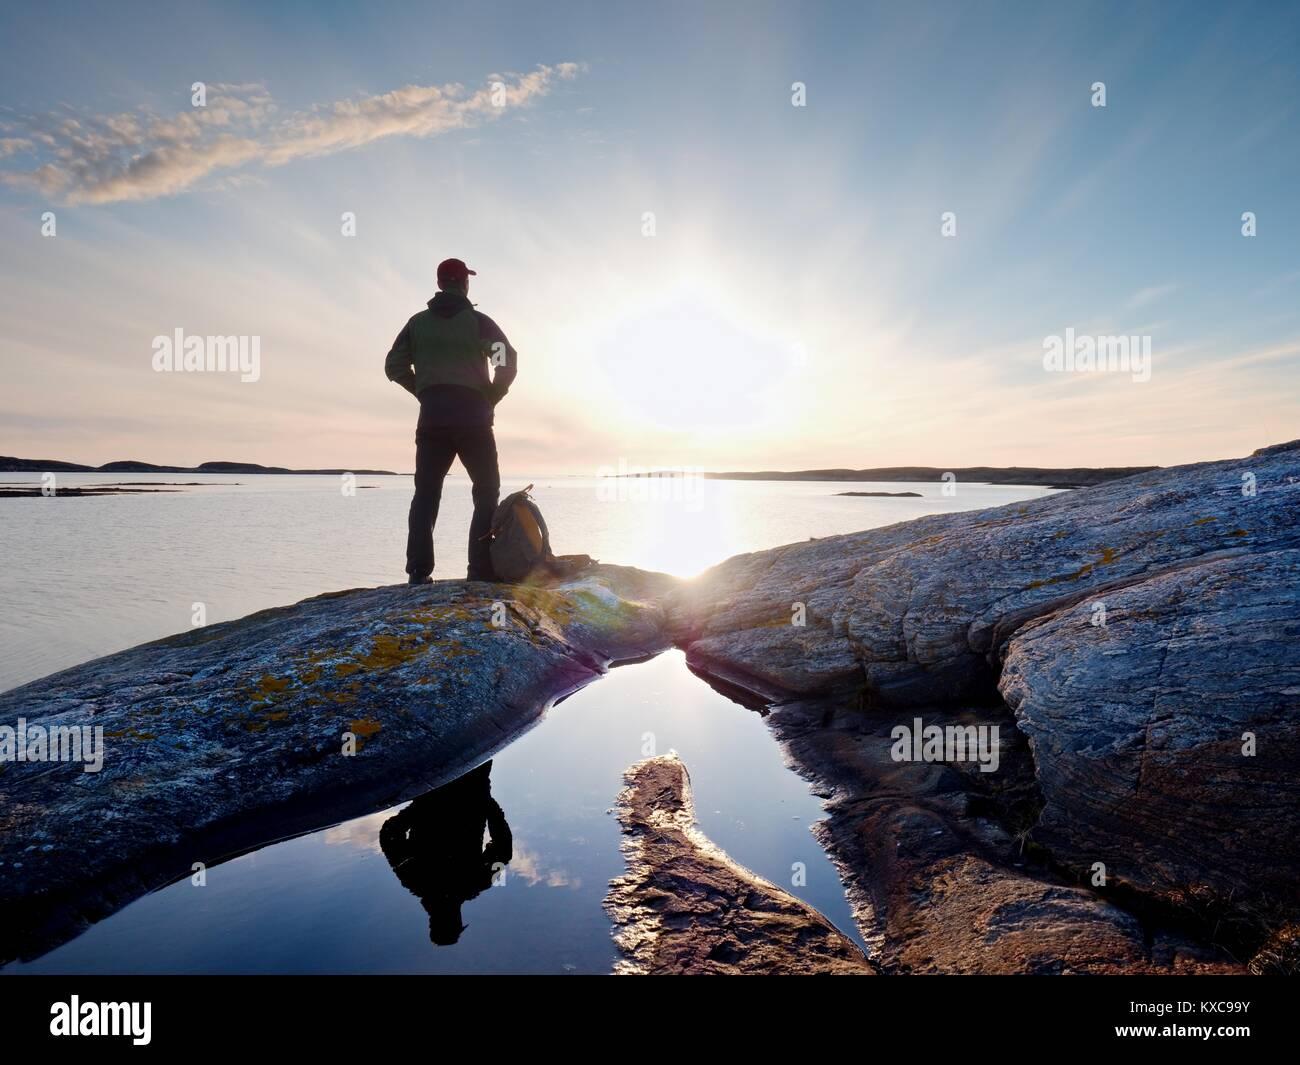 Junge stehende Mann mit Rucksack. Wanderer auf dem Stein am Meer an bunten Sonnenuntergang Himmel. Schöne Landschaft Stockbild